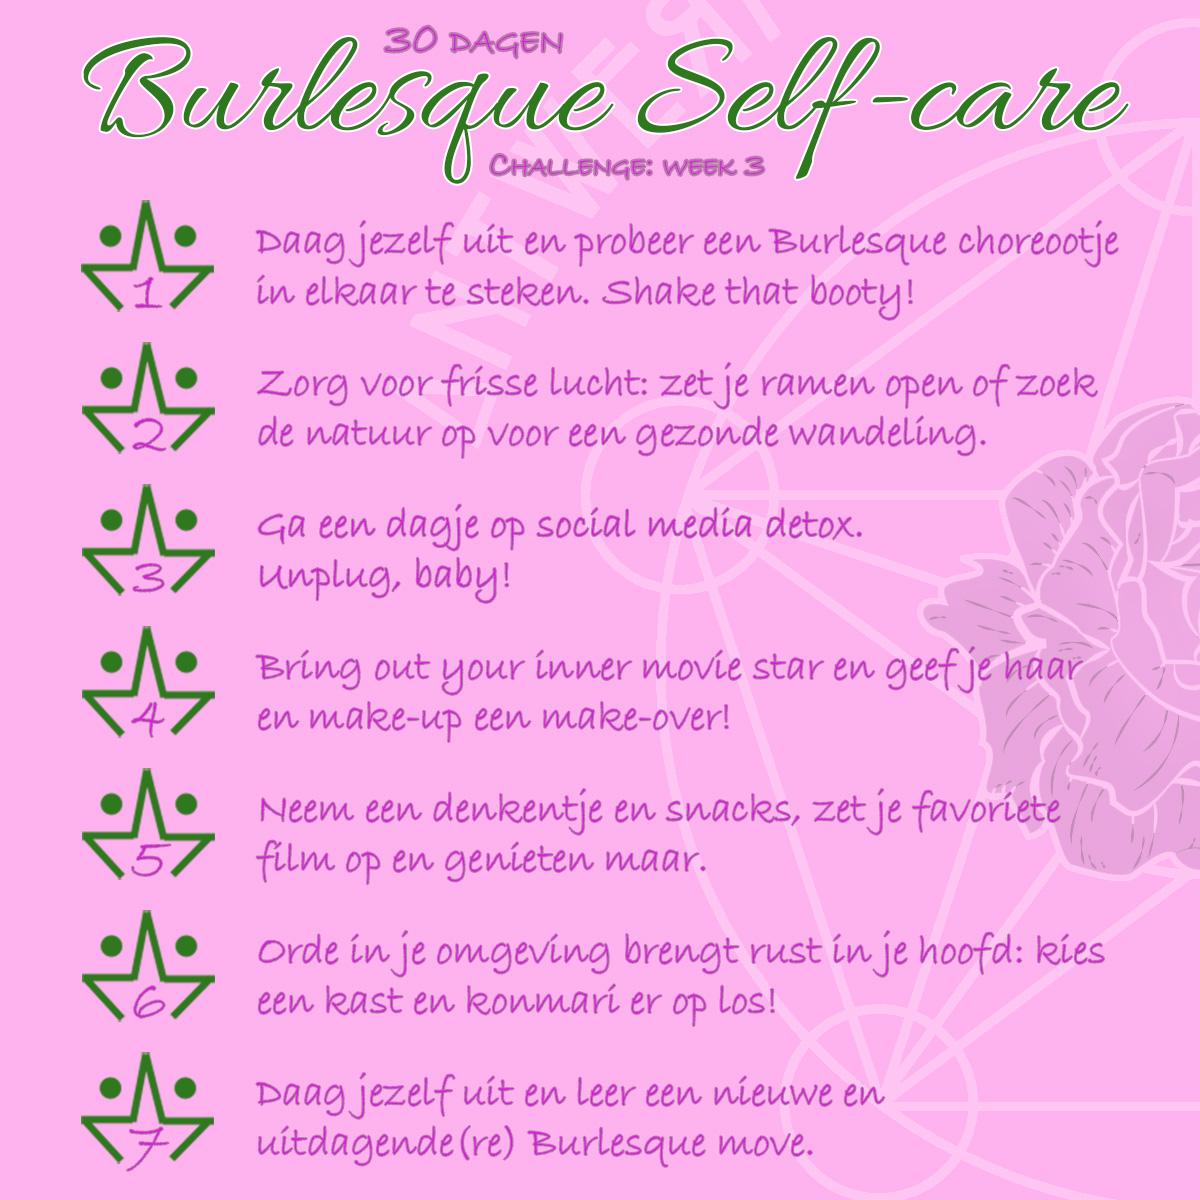 30 dagen Self-care Challenge week 3